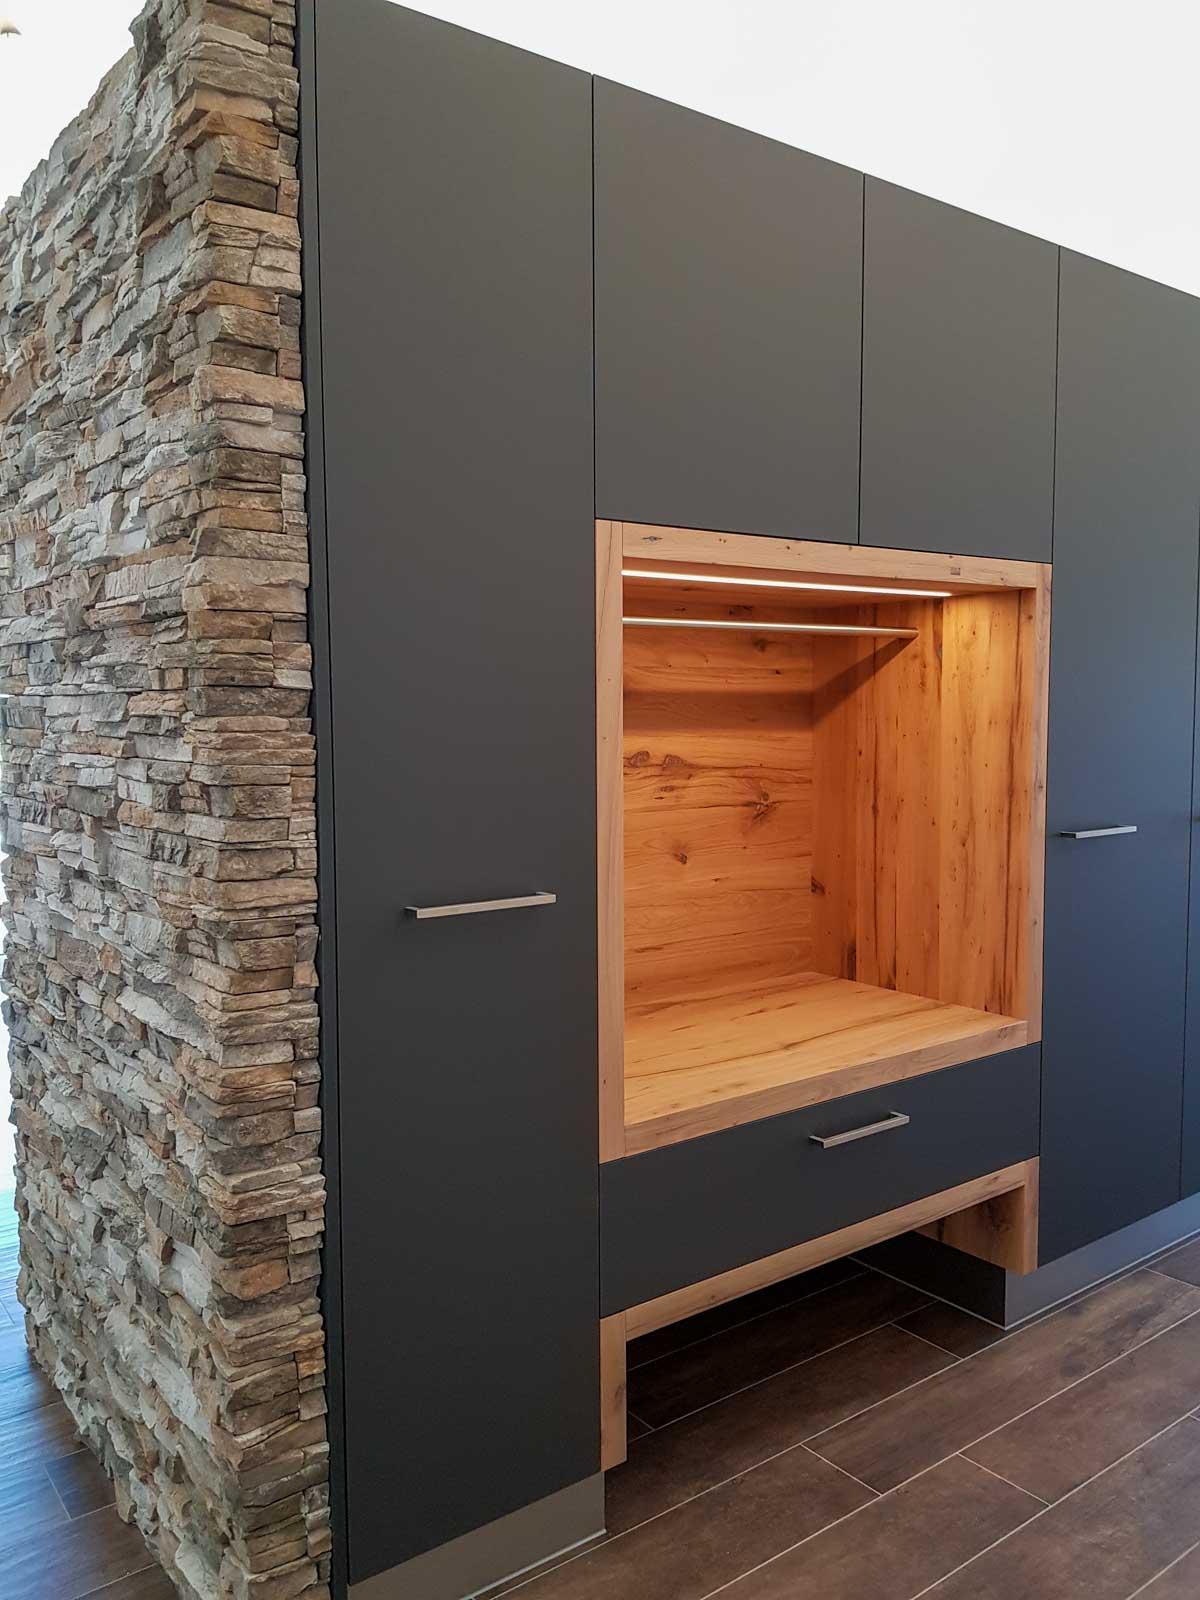 Wooddesign_Garderobe_Gästegarderobe_anthrazit_Eiche Altholz_Steinmauer_modern (3)